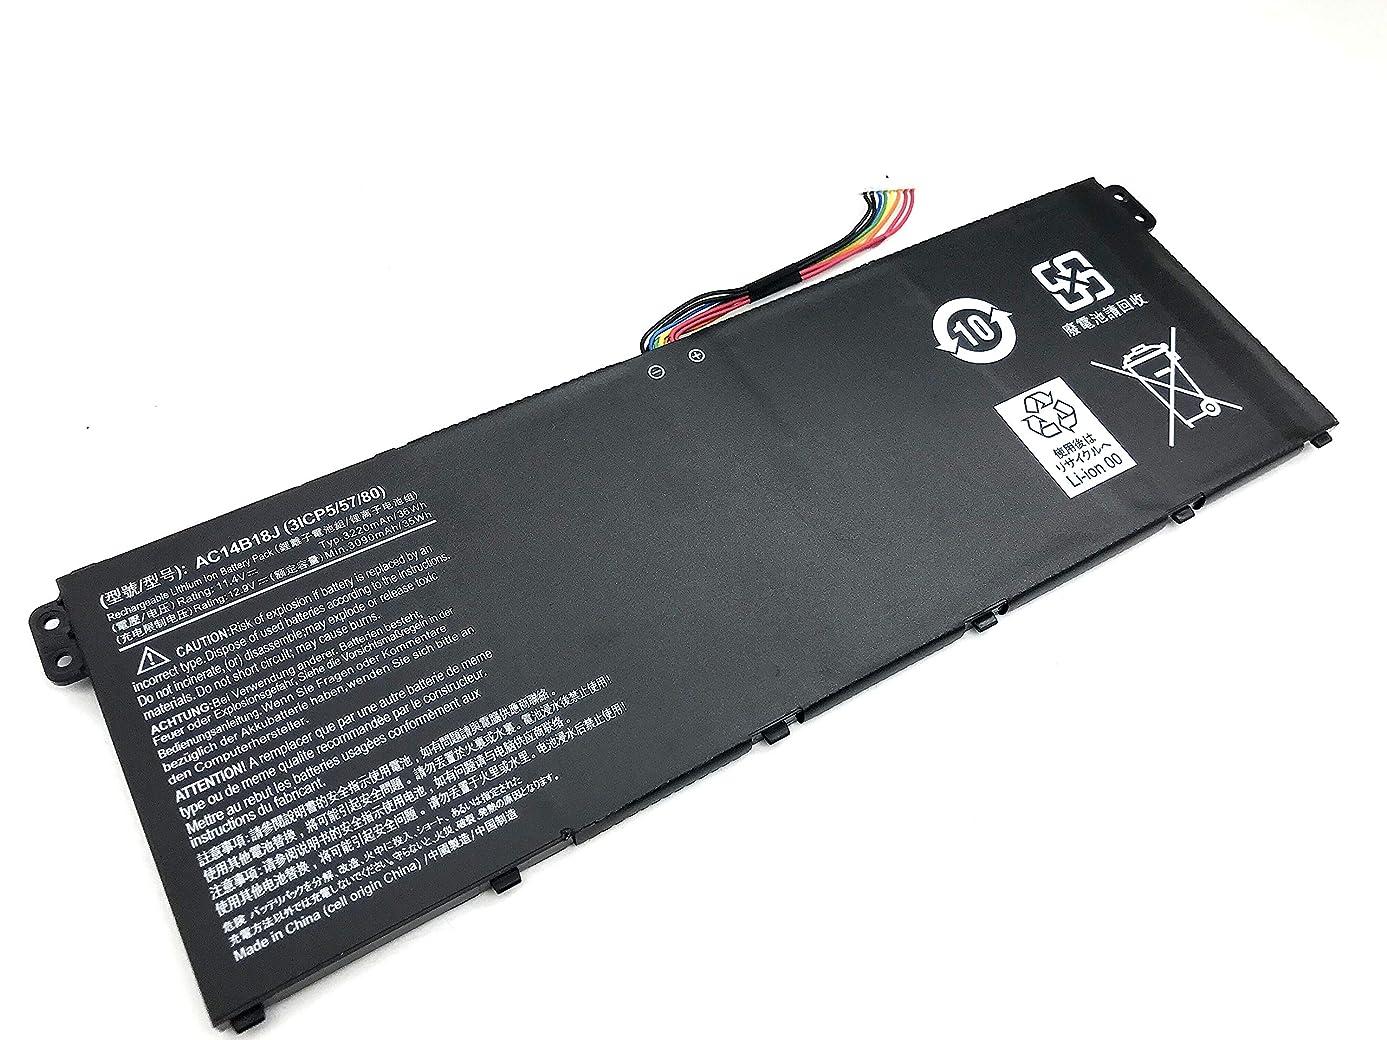 Yafda AC14B18J New Laptop Battery for Acer Aspire ES1-511 ES1-512 Aspire E3-111 E3-112 E3-112M Aspire V3-111 V5-122 V5-132 Chromebook CB3-111 Chromebook CB5-311 4ICP5/57/80 11.4V 3220mAh /36Wh